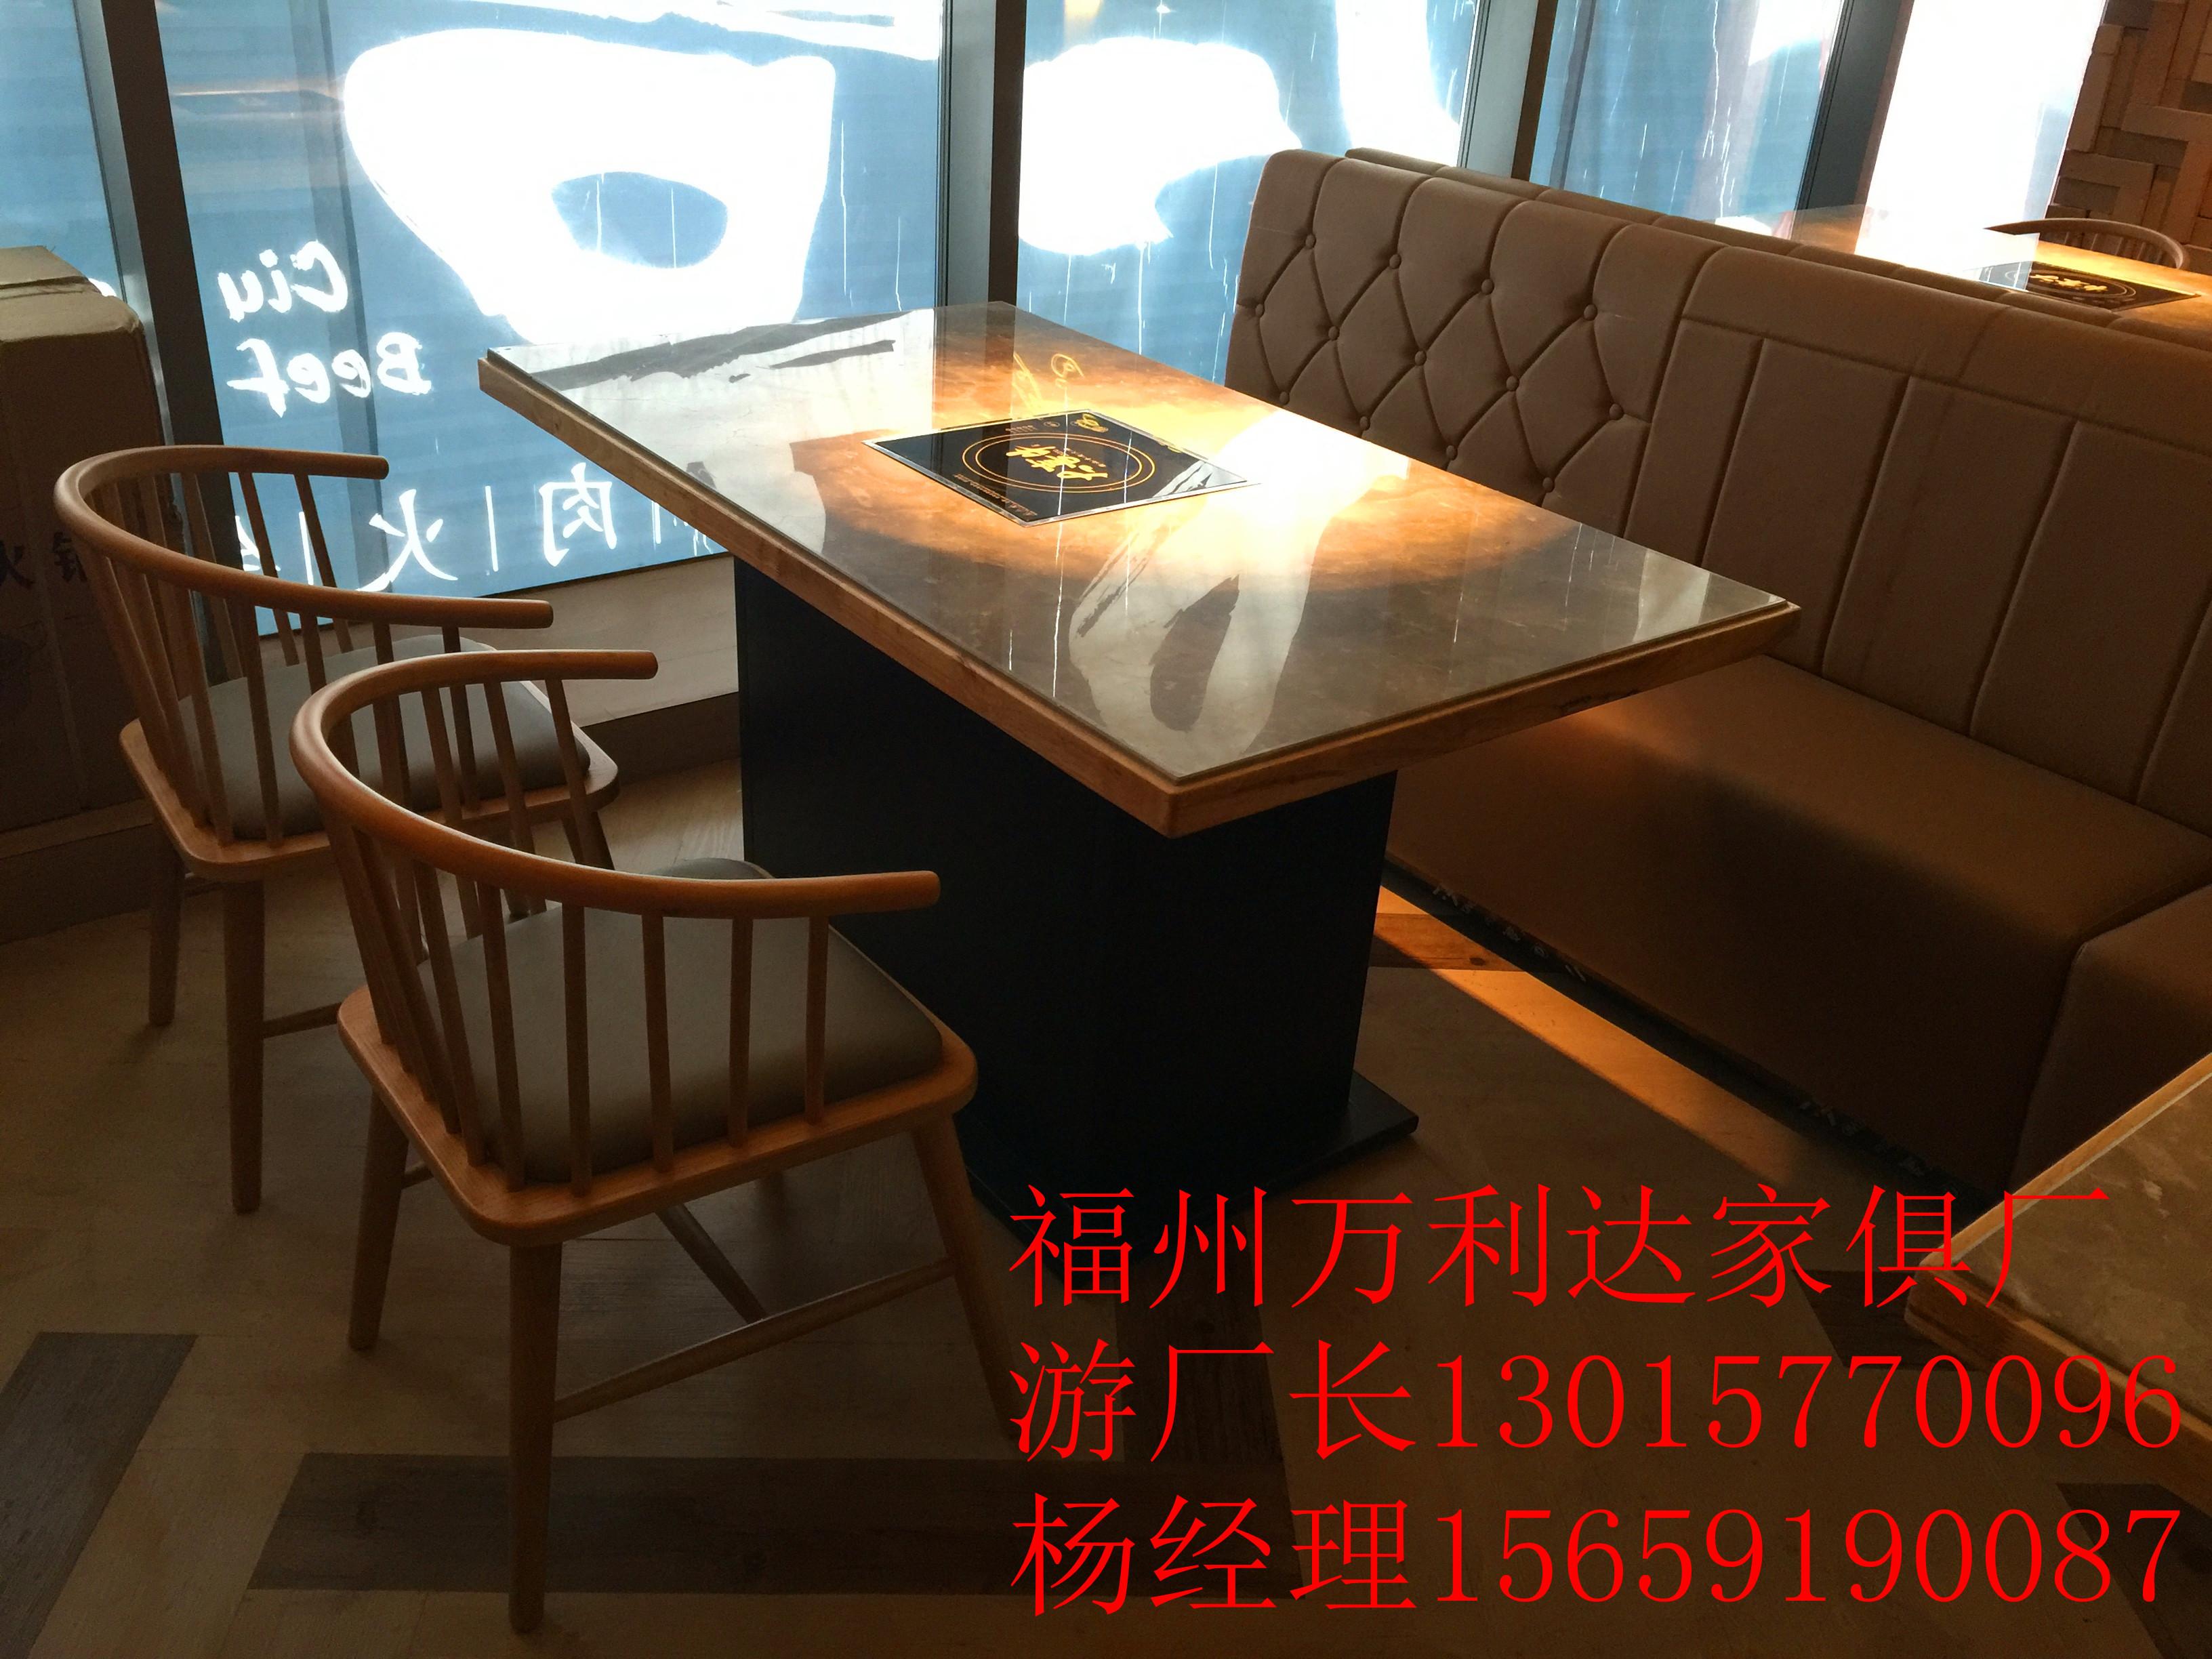 红木丝绸座垫飘窗垫定做木沙发坐垫高档红木沙发垫